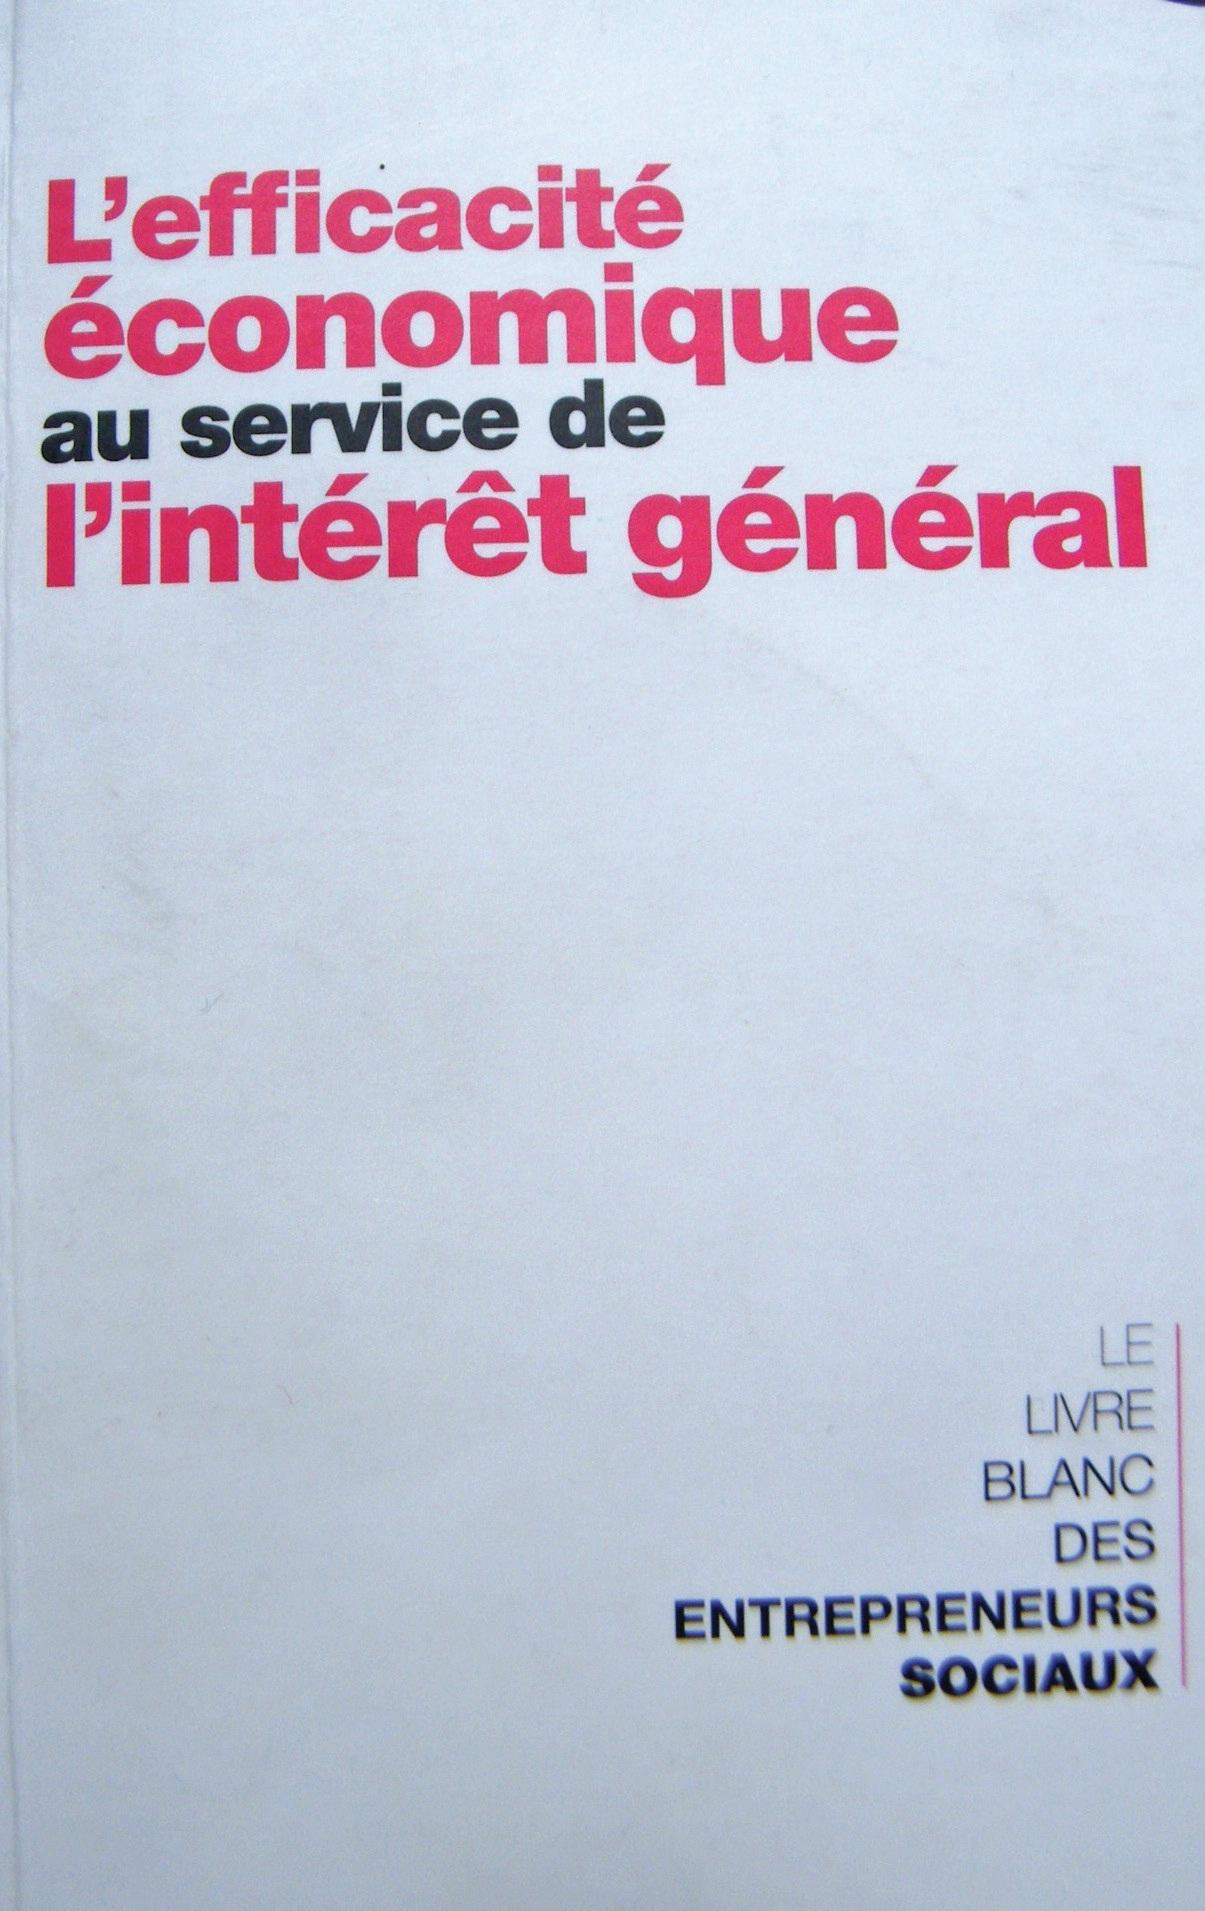 Le livre blanc des Entrepreneurs sociaux.